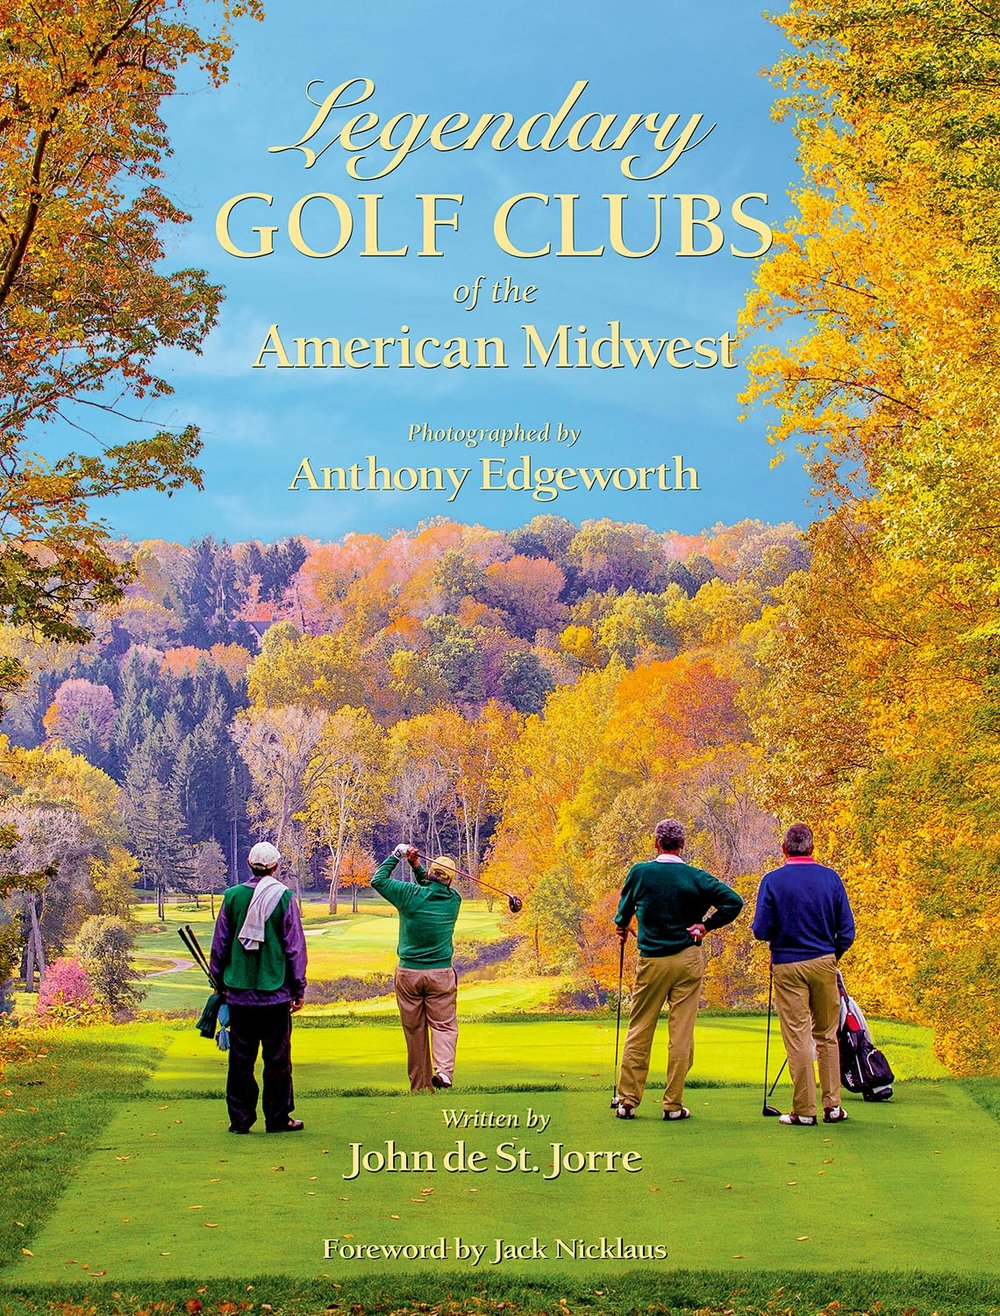 ee-book-covers-american-midwest.jpg